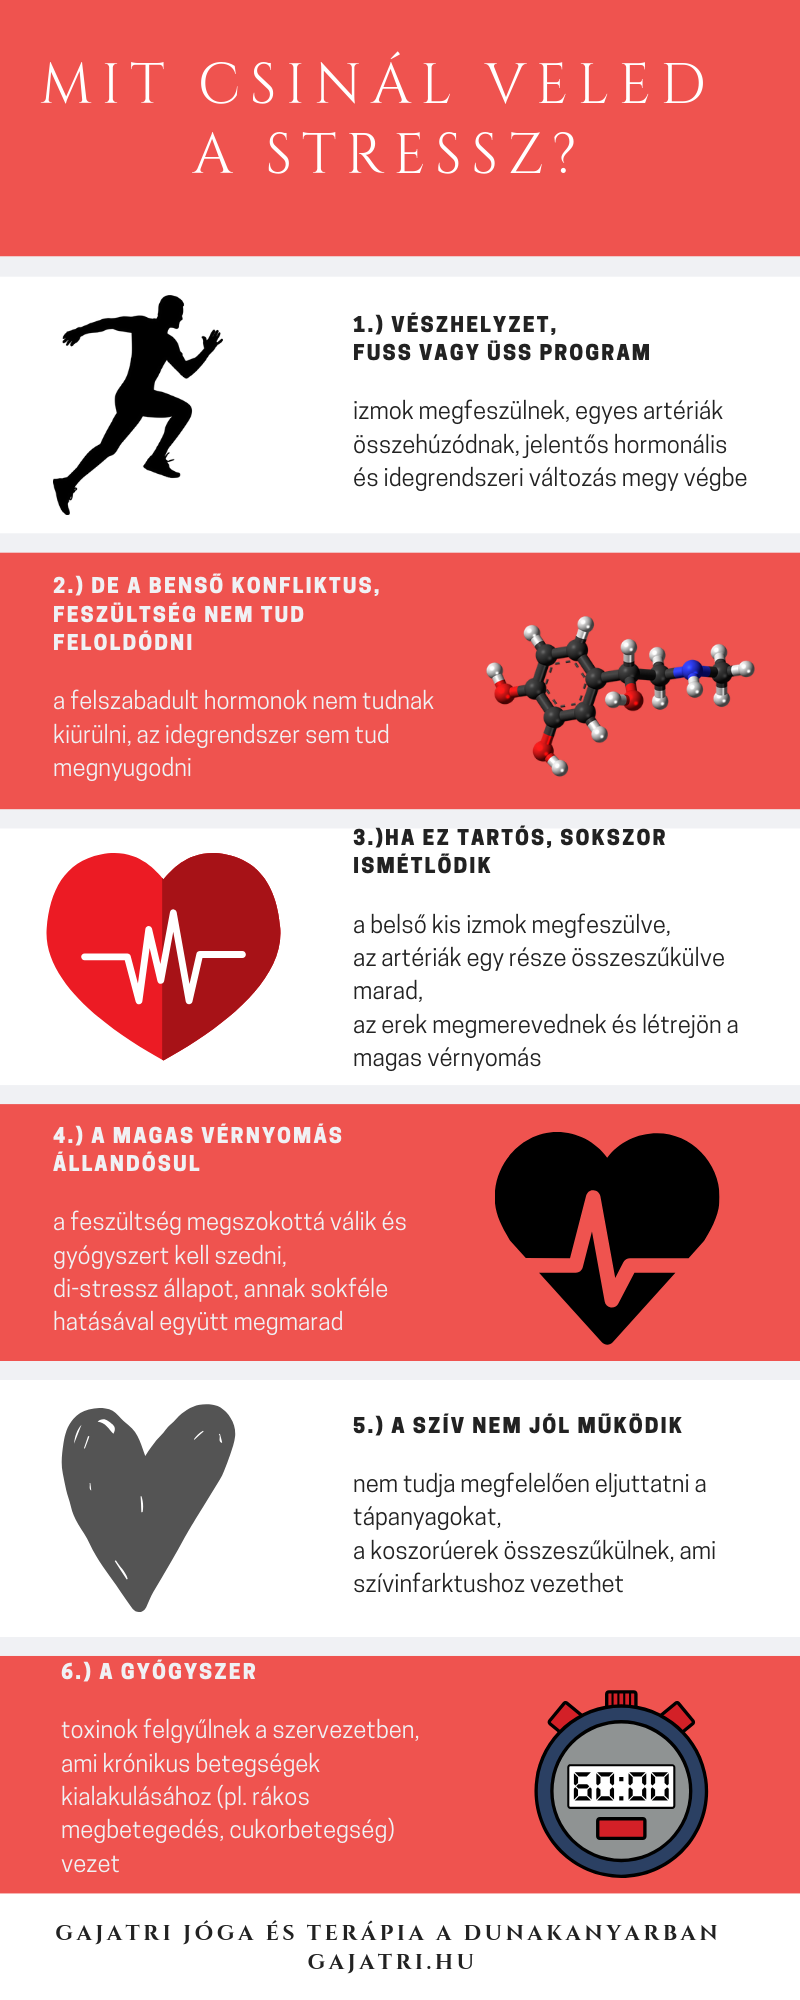 a magas vérnyomás fokot okoz tűk a magas vérnyomás kezelésében